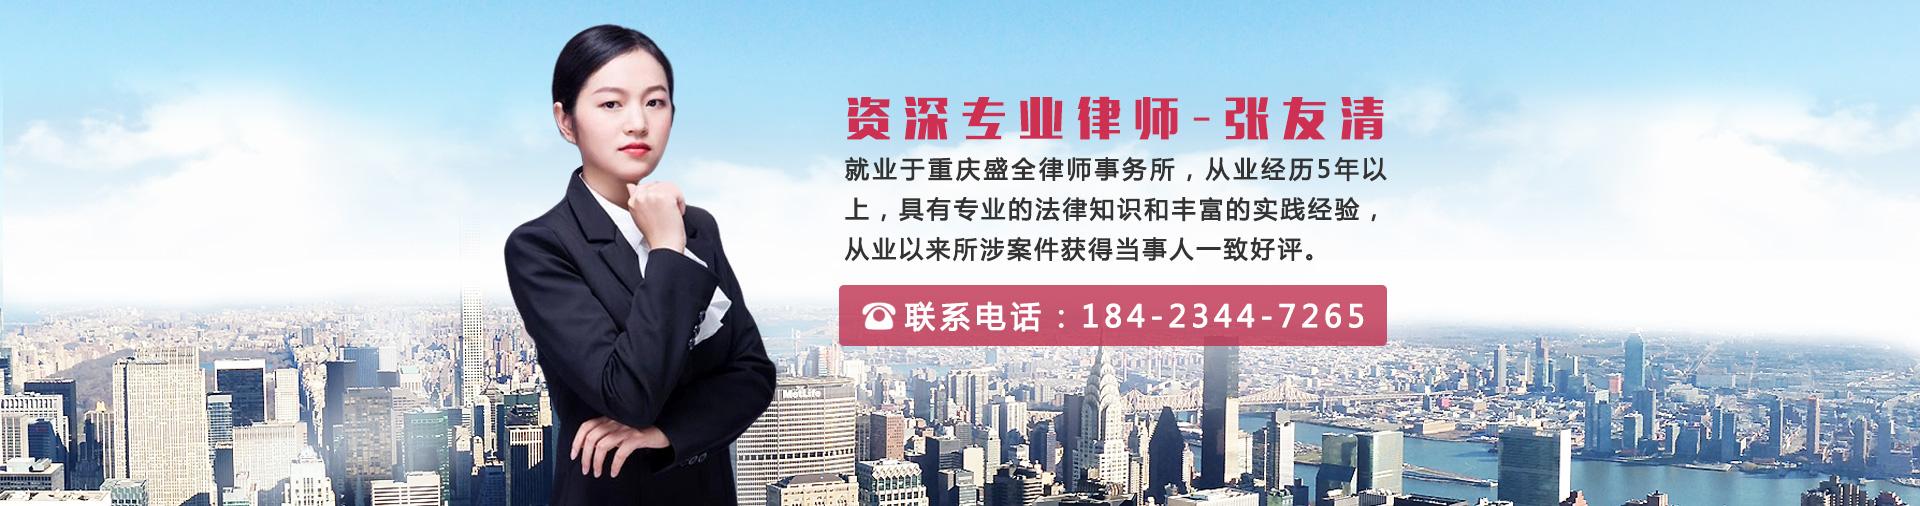 重庆法律顾问律师-张友清